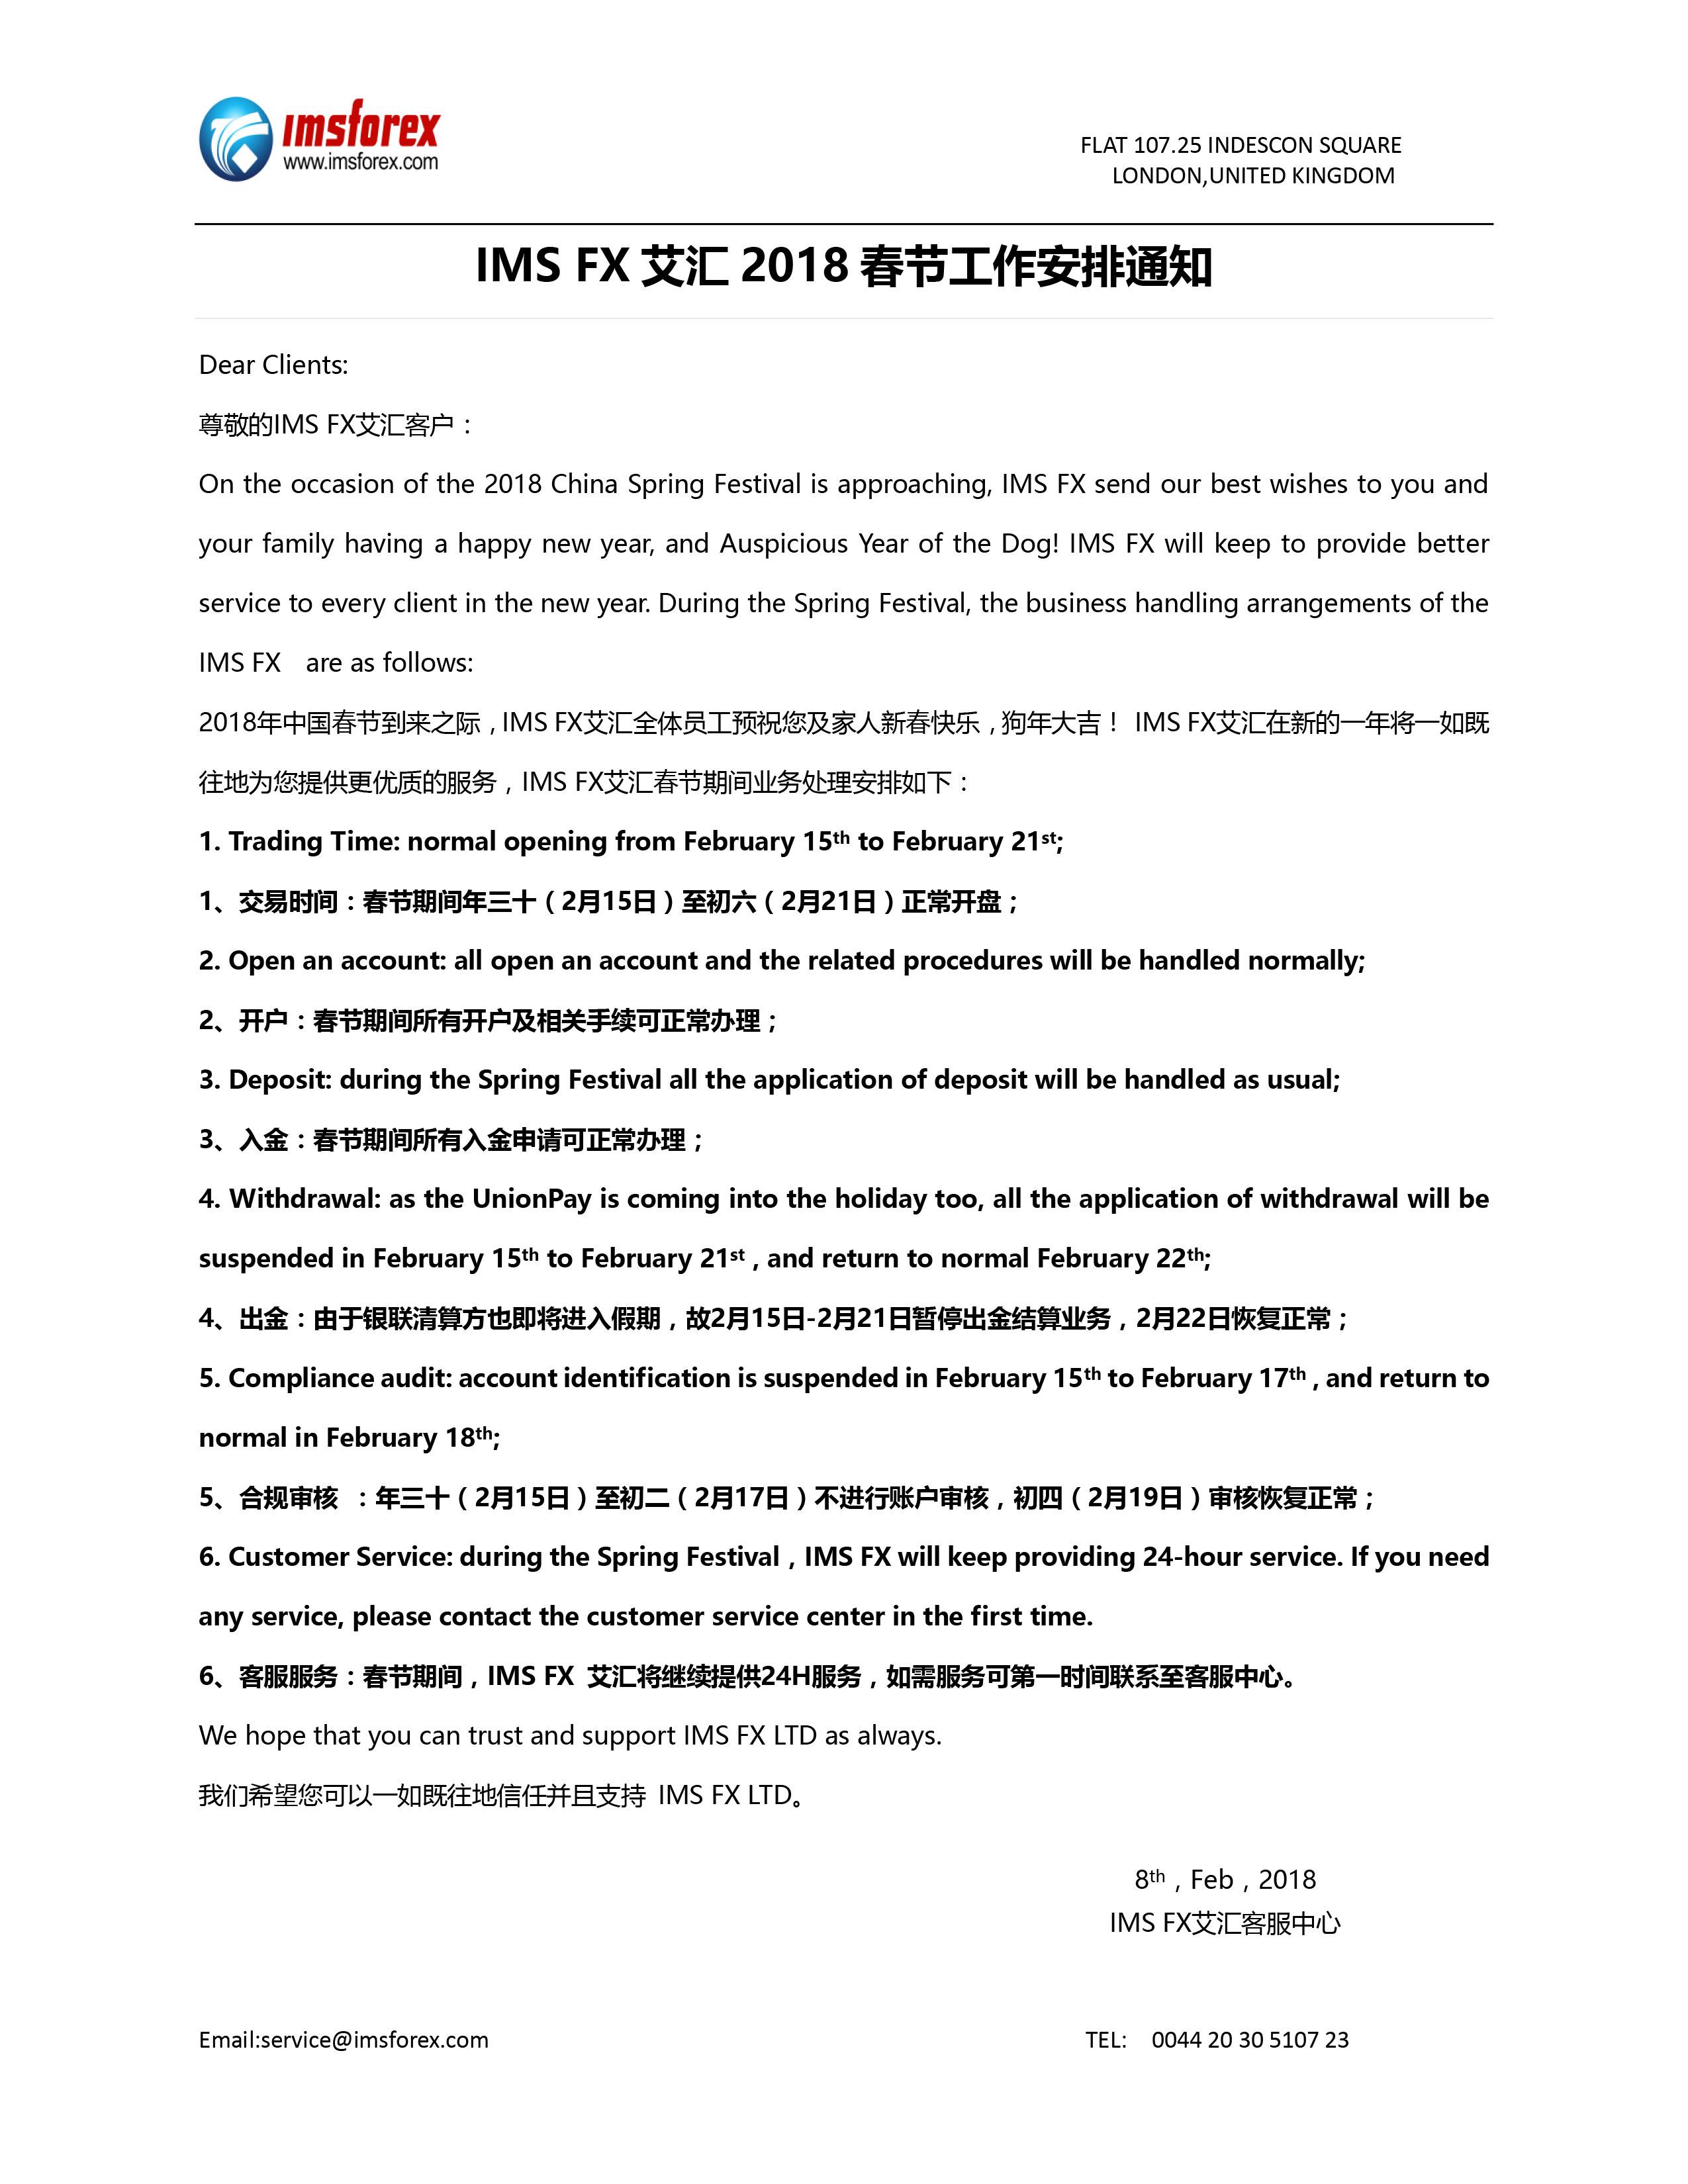 【重要公告】IMS FX艾汇2018春节工作安排通知